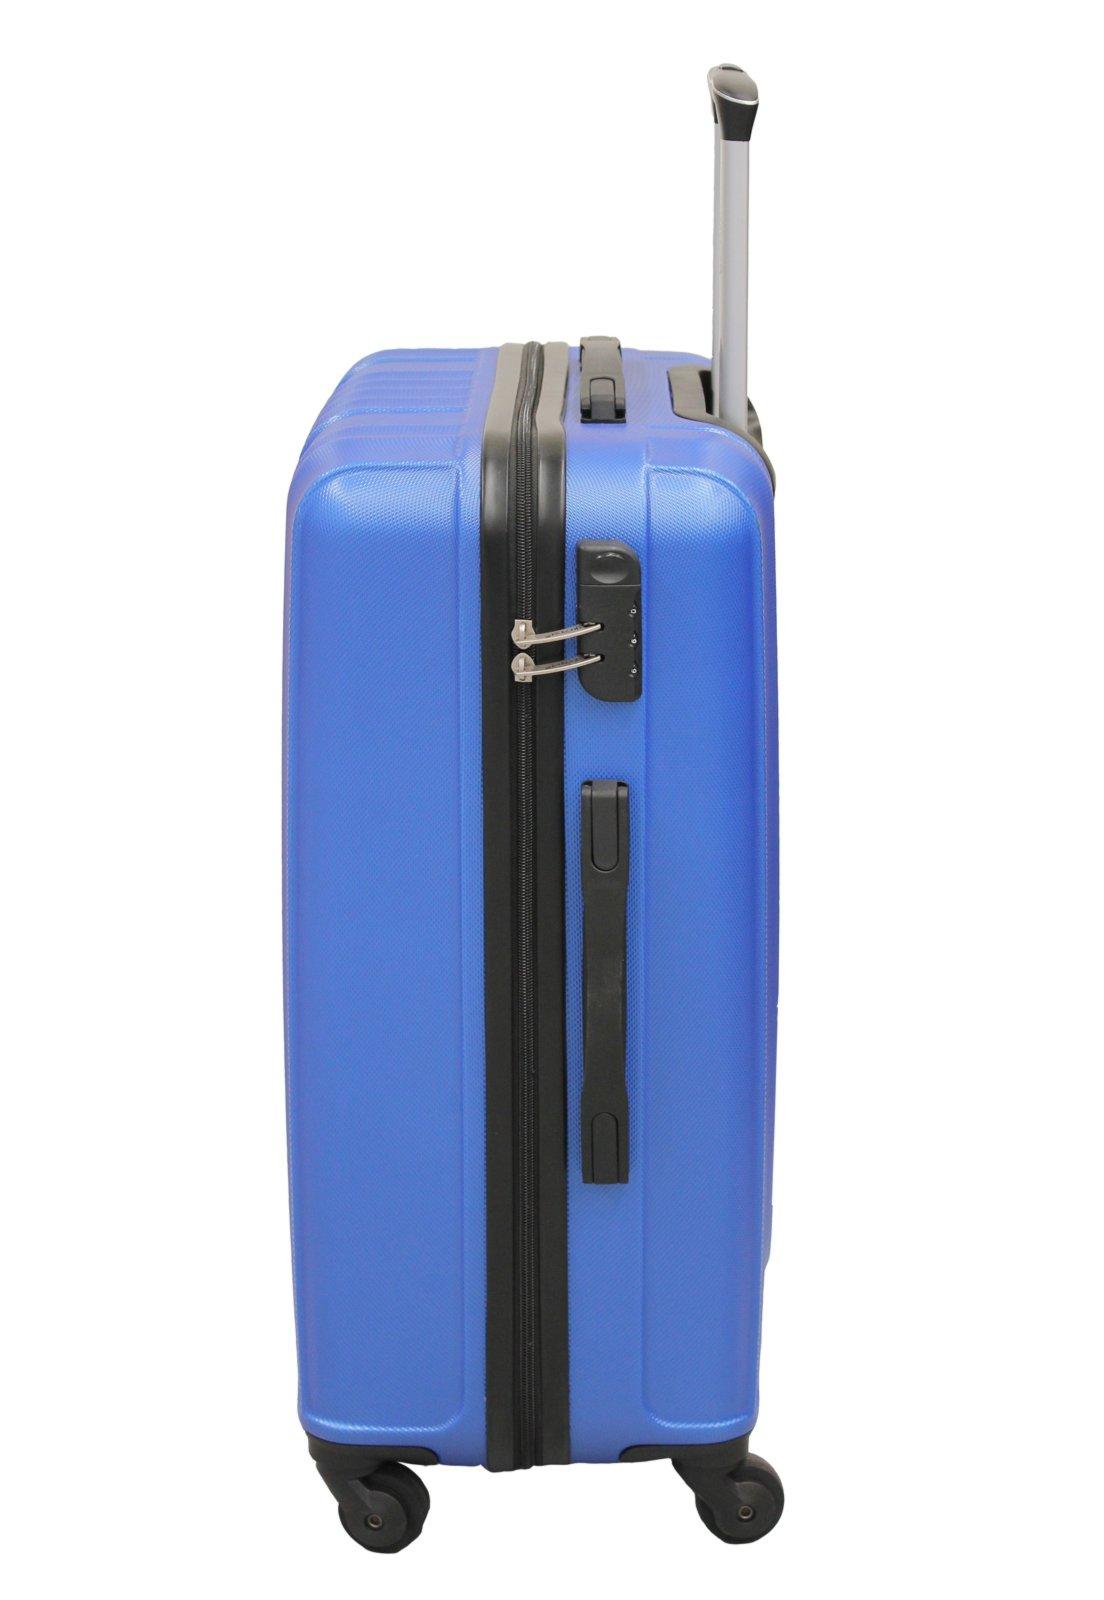 Mala de Viagem com trava de segurança 4 rodinhas alça de carrinho LS MA8106 tamanho médio  cor azul - Compre Agora